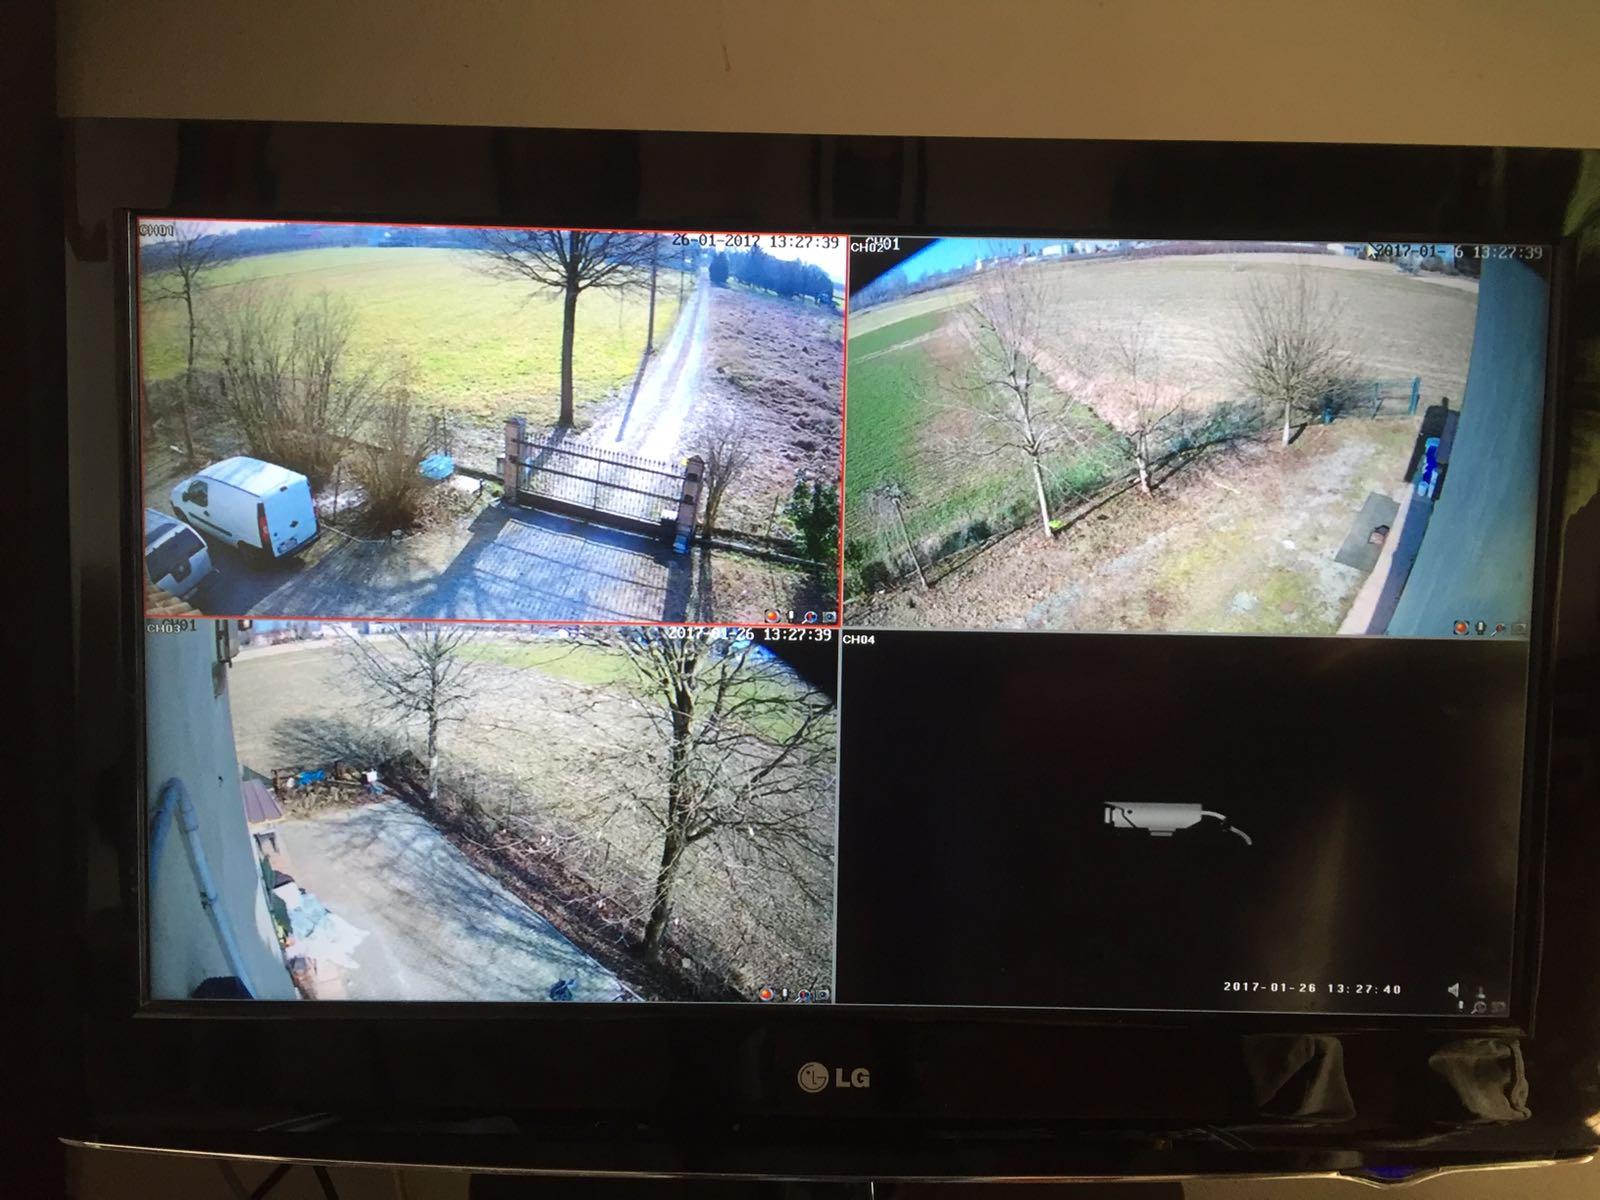 Allarme casa impianto di sicurezza dt5 falcoalarm - Impianto di allarme casa ...